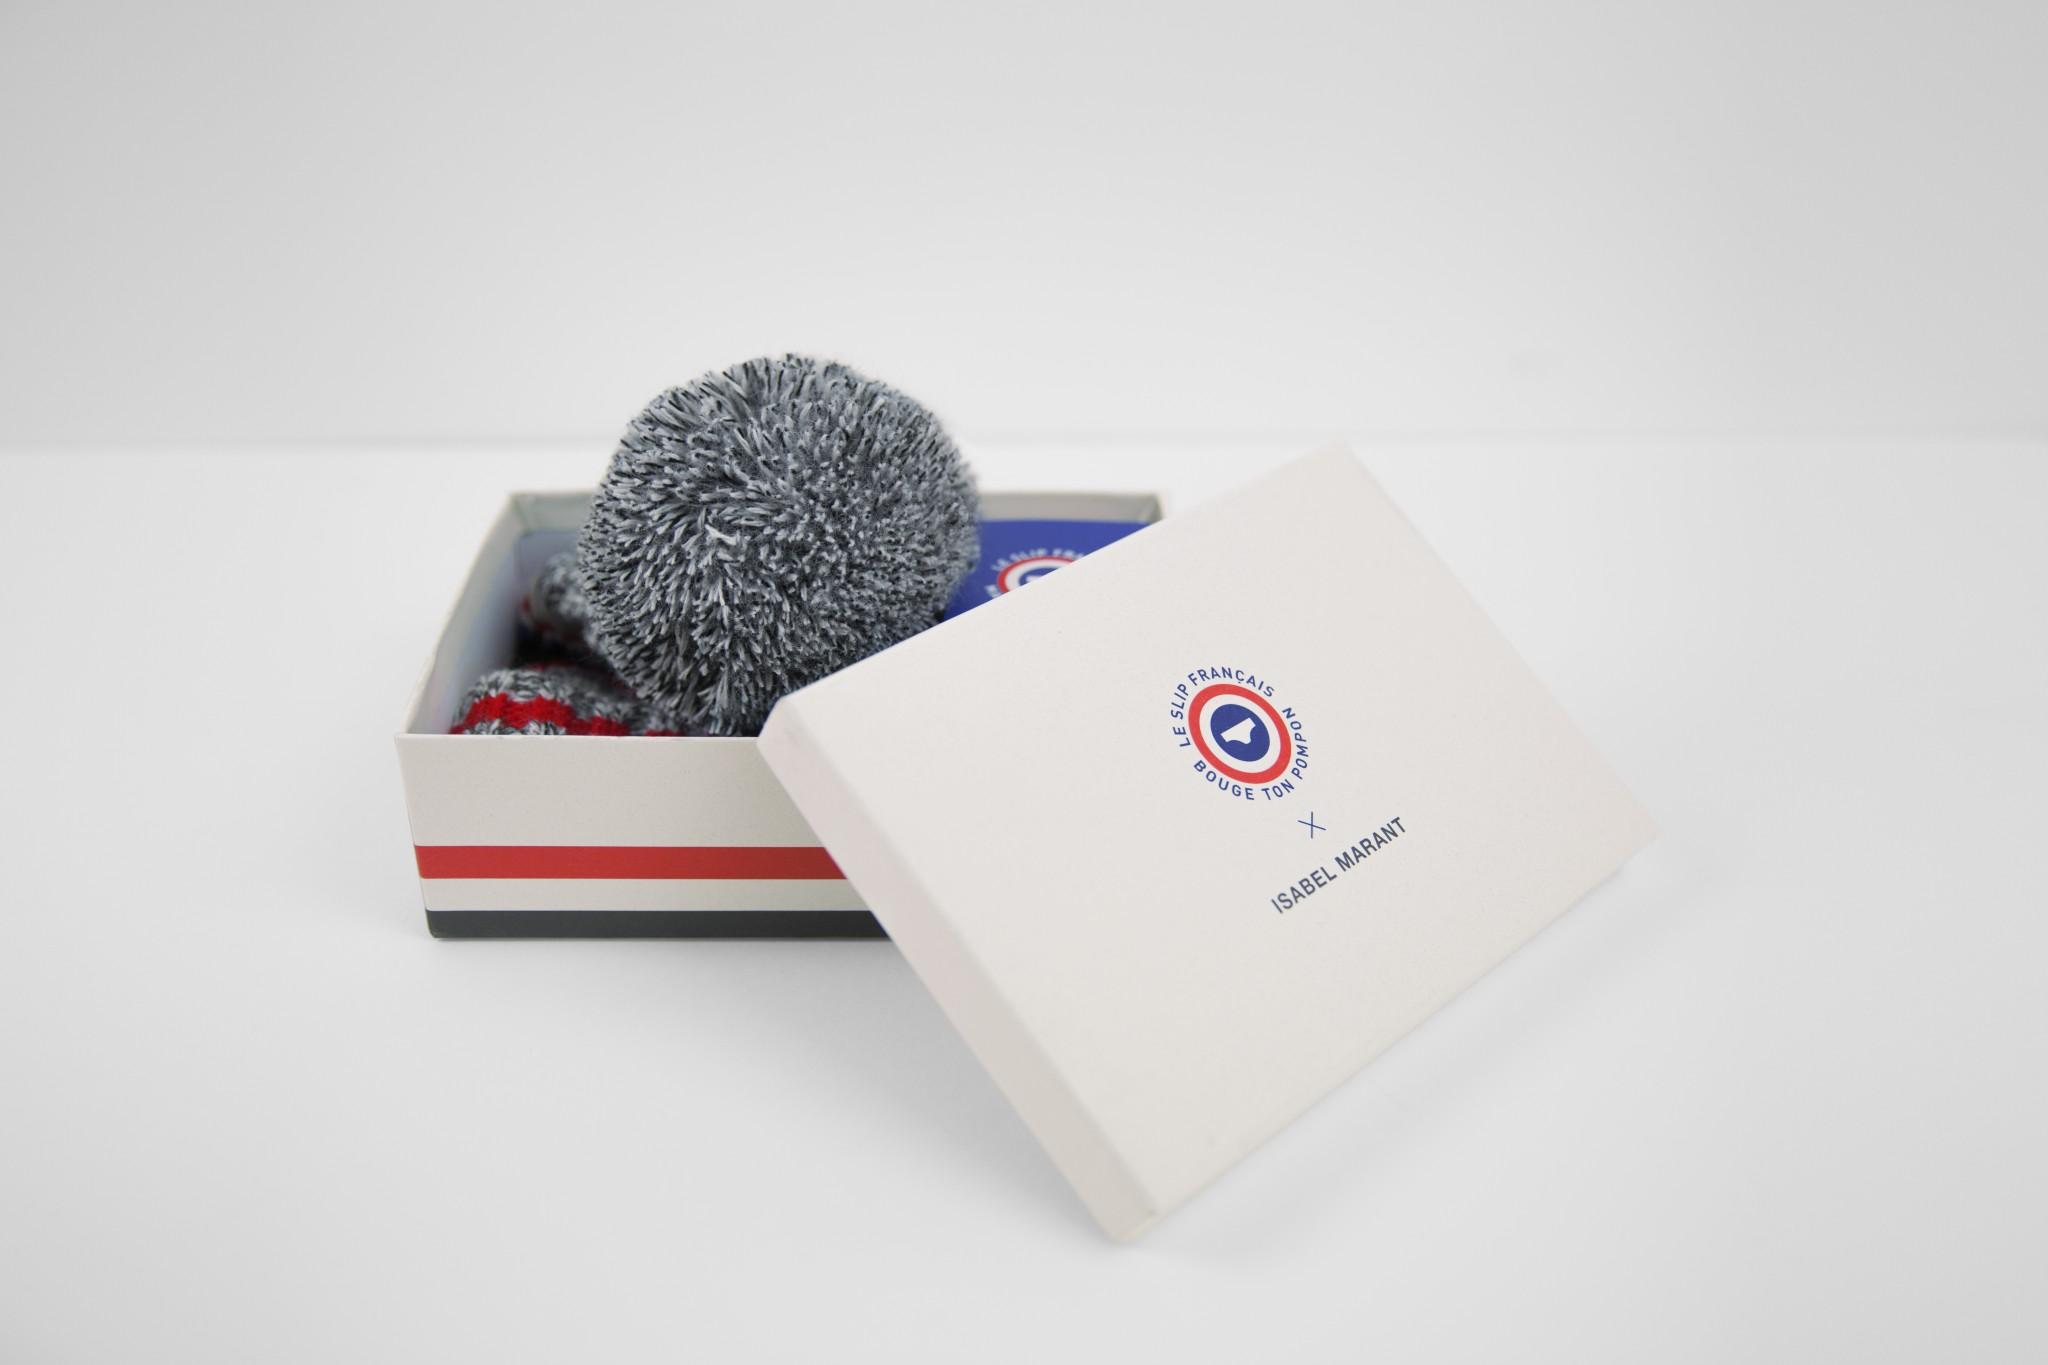 Le bonnet Isabel Marant pour Bouge ton Pompon est en vente sur  www.leslipfrancais.fr/bouge,ton,pompon et dans tous les points de vente Le  Slip Français.